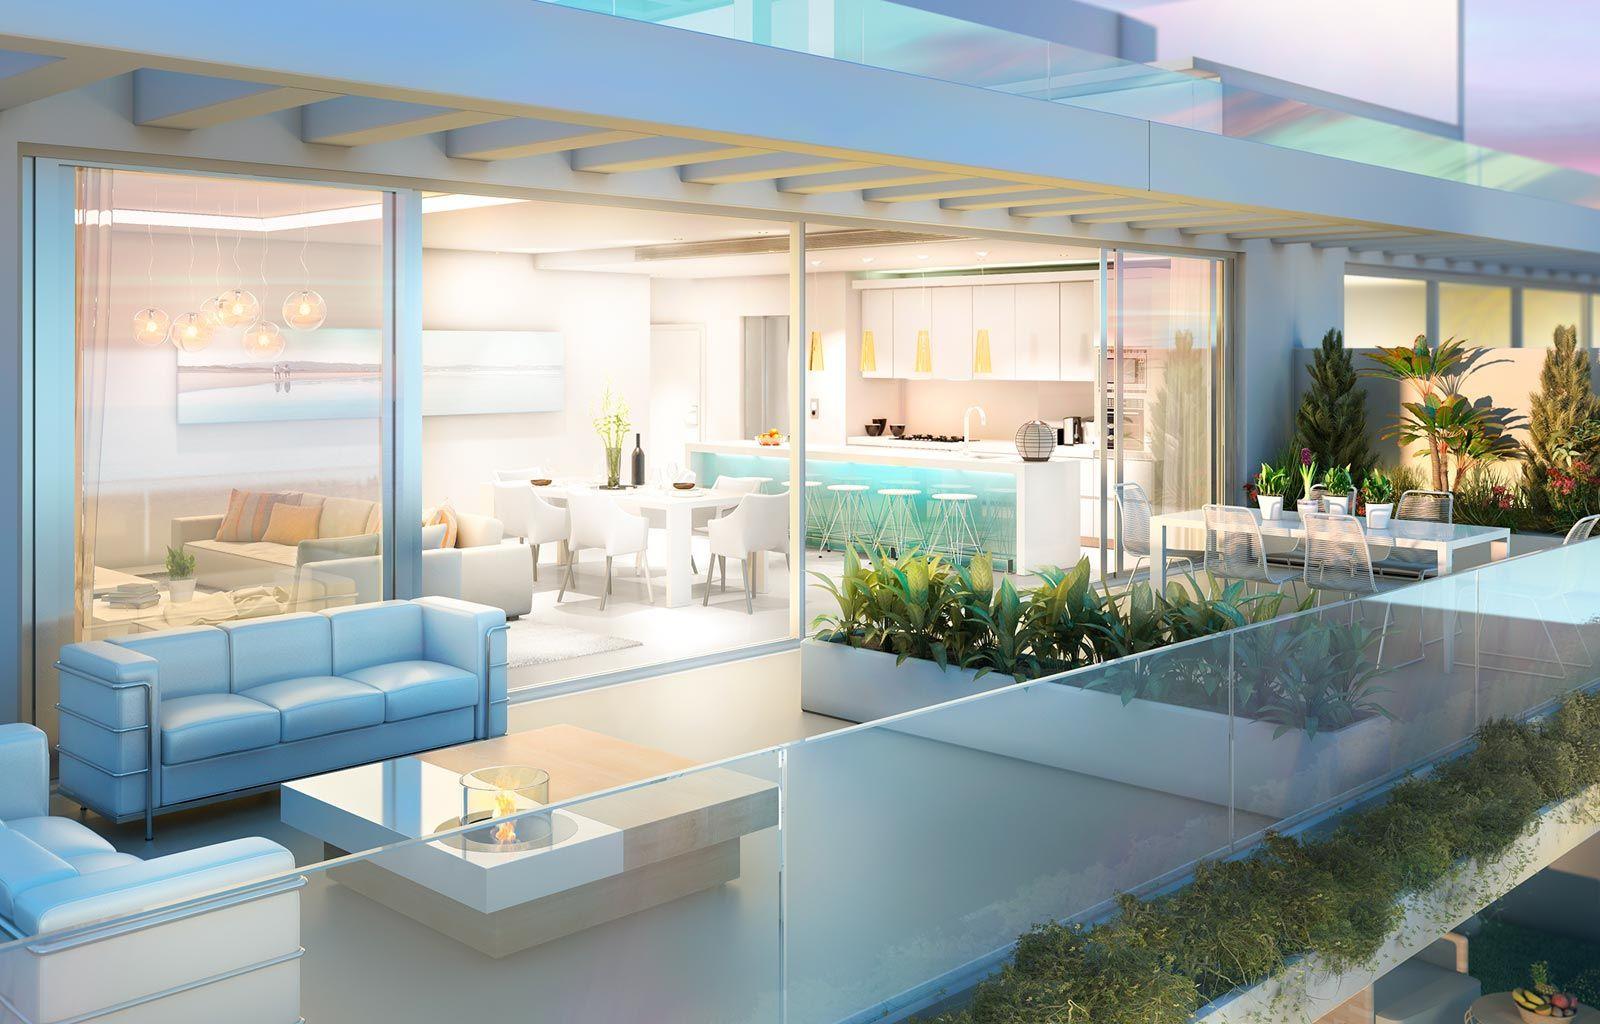 Spectaculaire nieuwbouw appartementen in Benalmadena.PL131